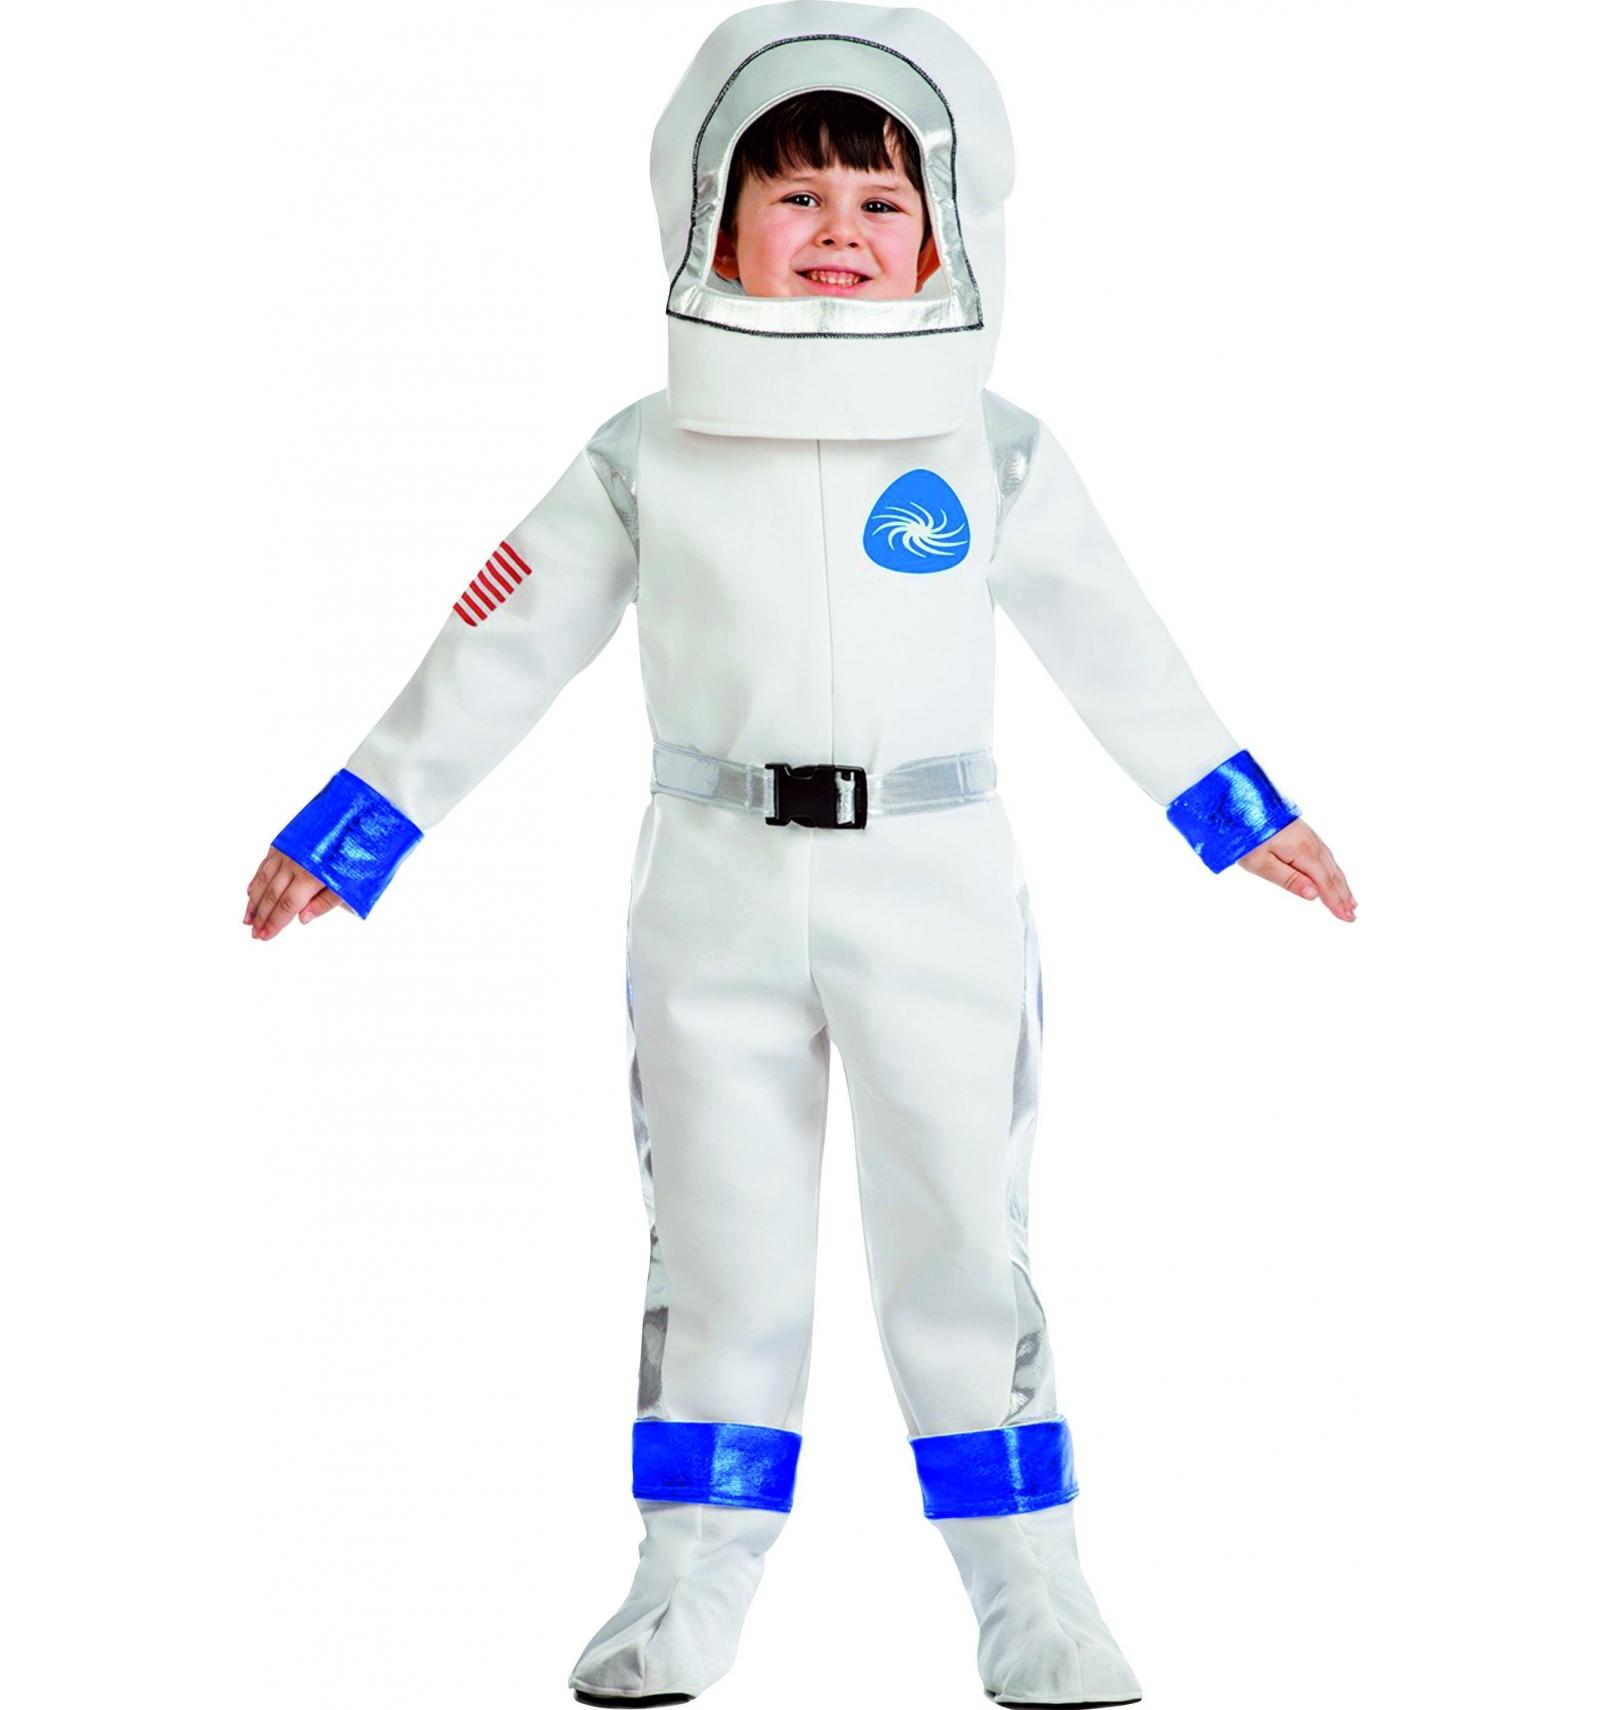 Accede a la mayor tienda de disfraces online y compra tu disfraz de astronauta al mejor precio. Envío de pedidos por transporte 24 horas/5(K).